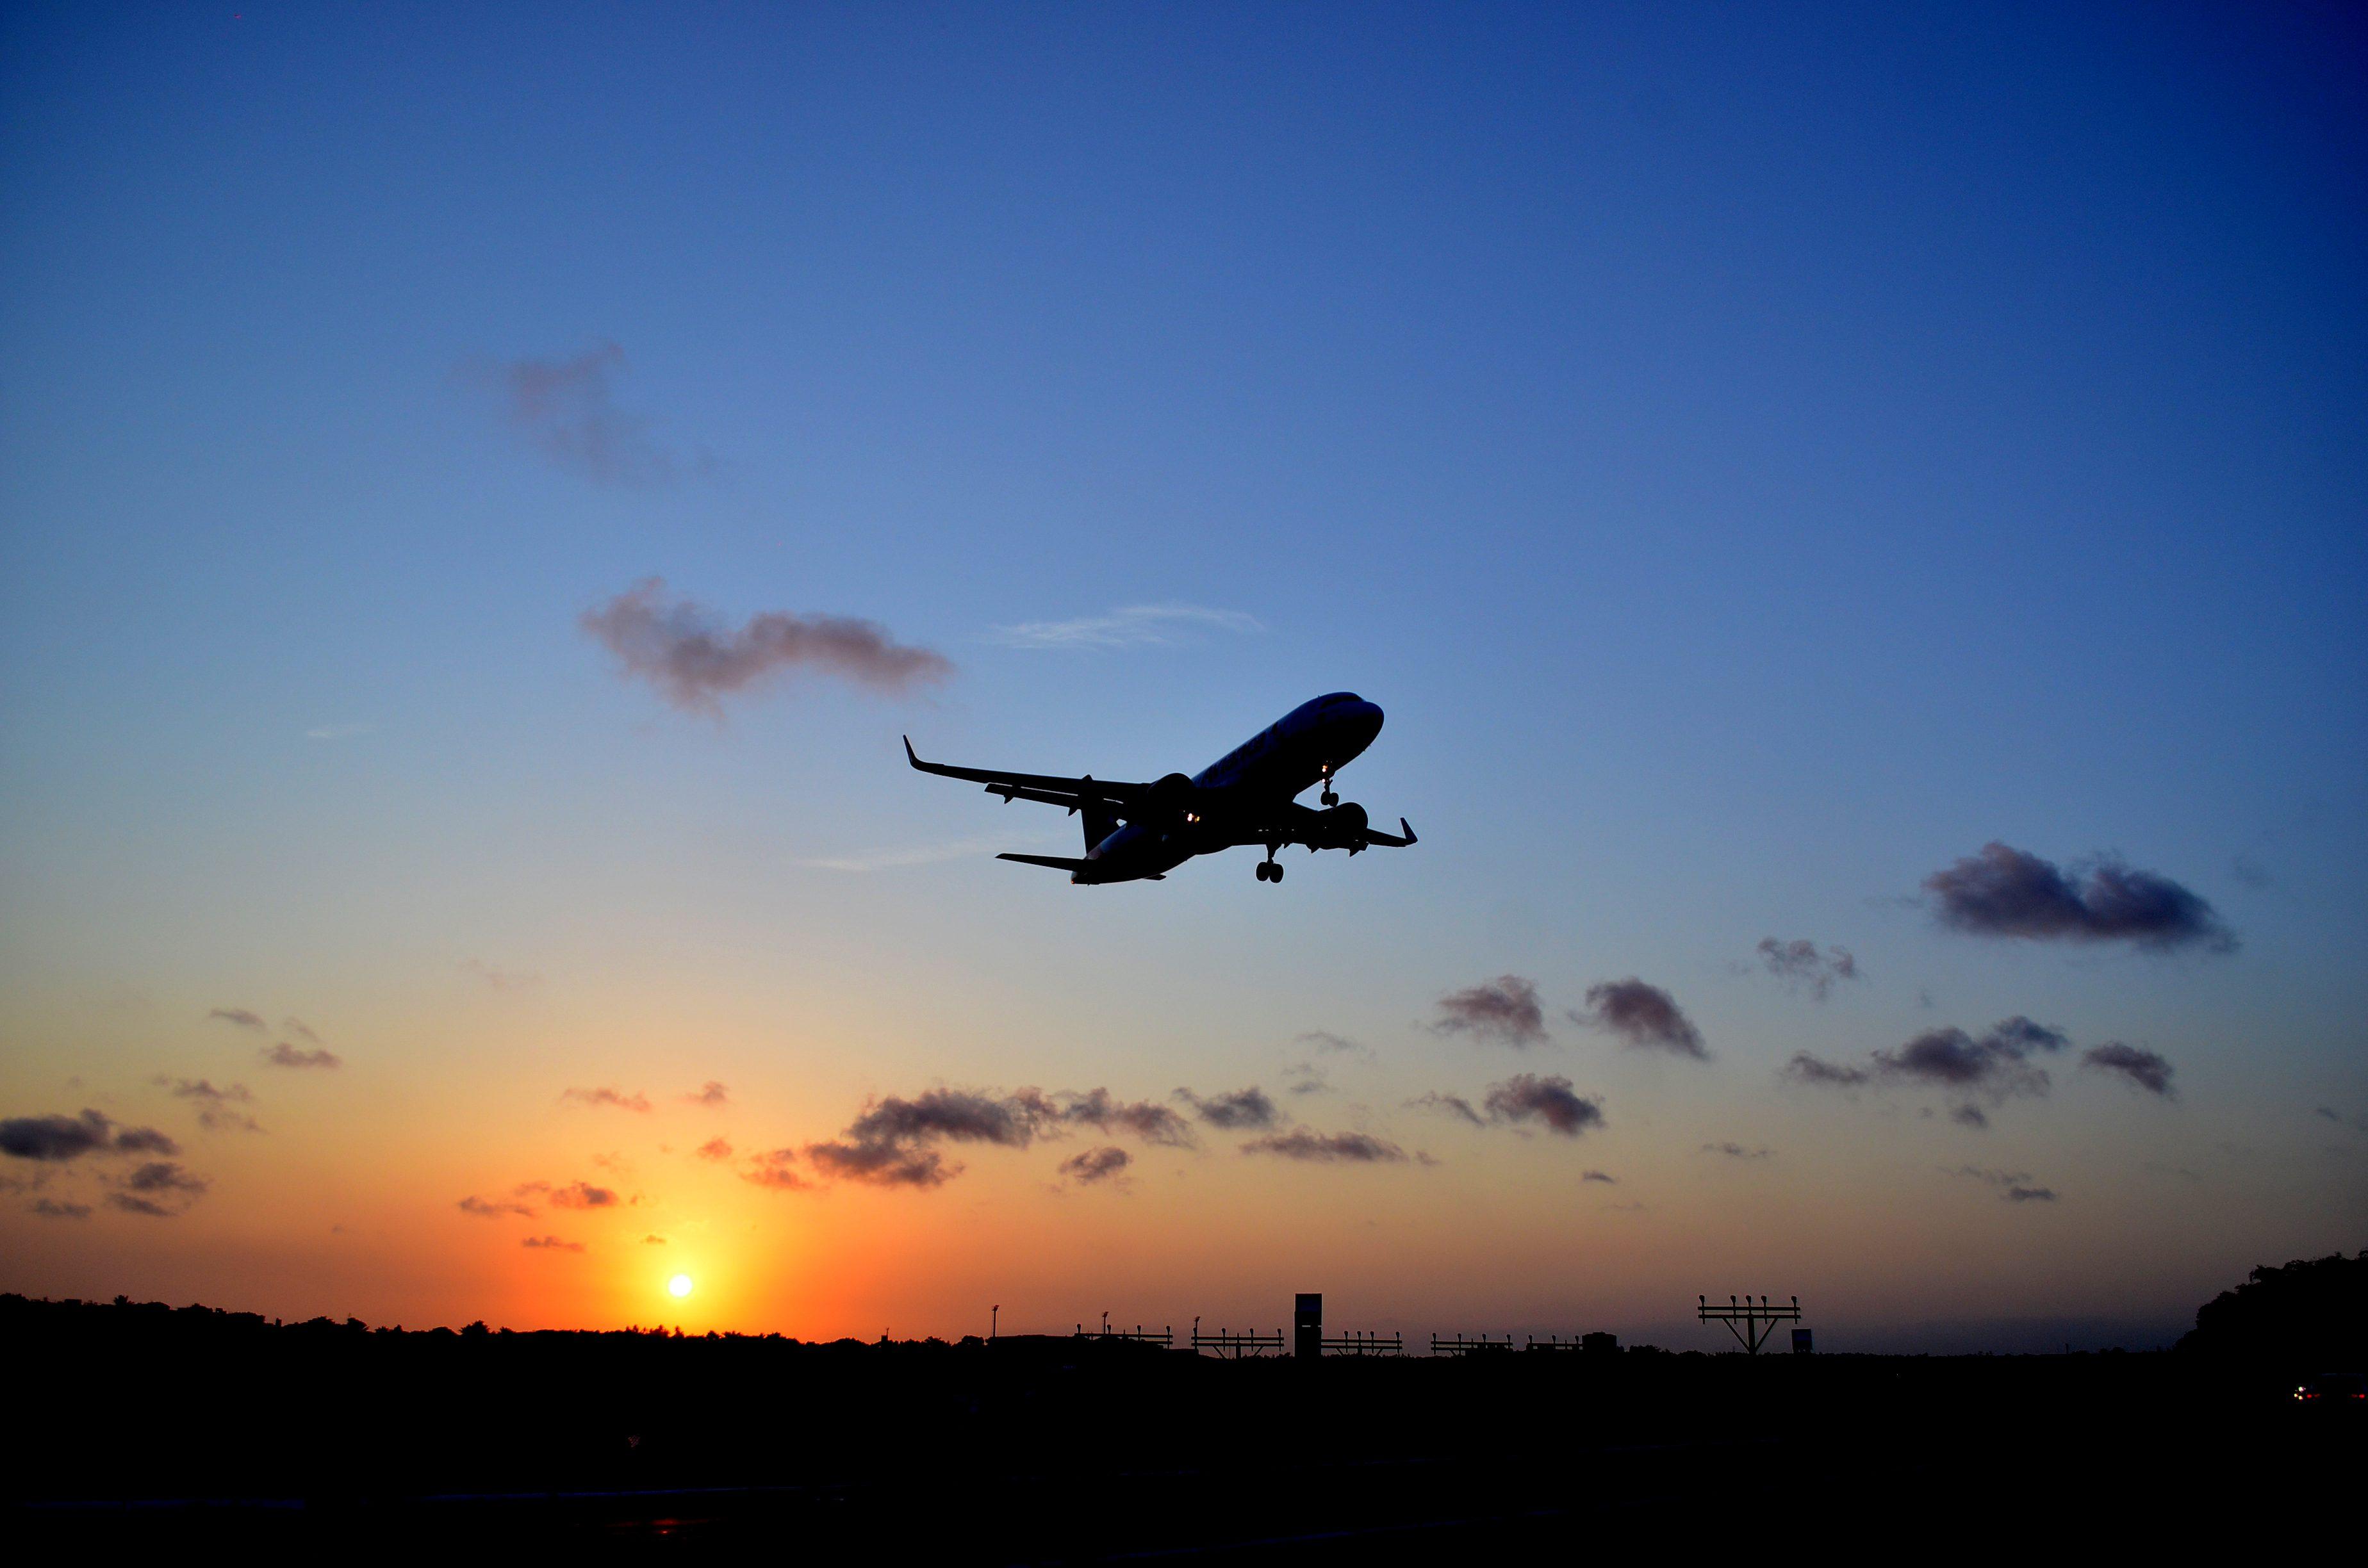 Demanda de voos à Bahia aumenta no verão